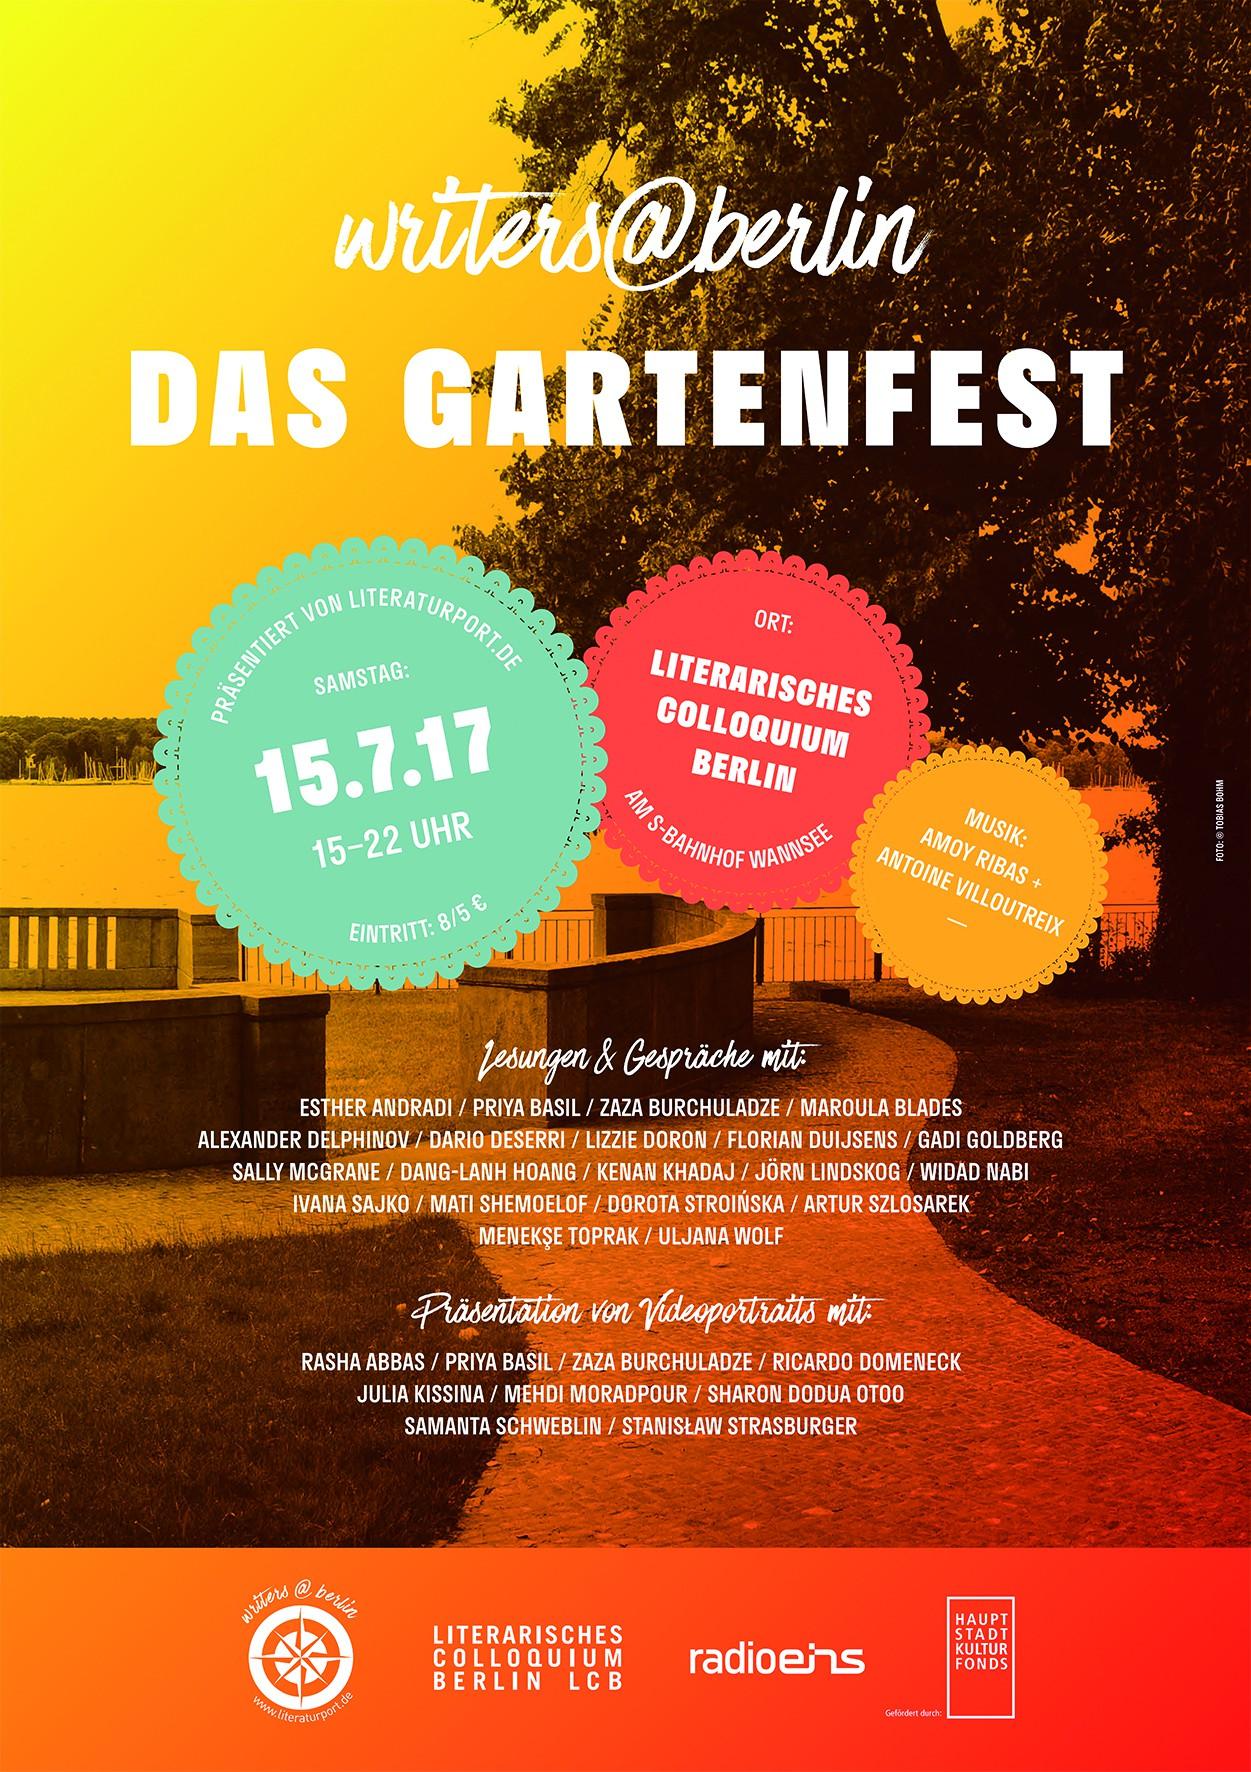 DAS GARTENFEST von writers@berlin, Literarisches Colloquium Berlin